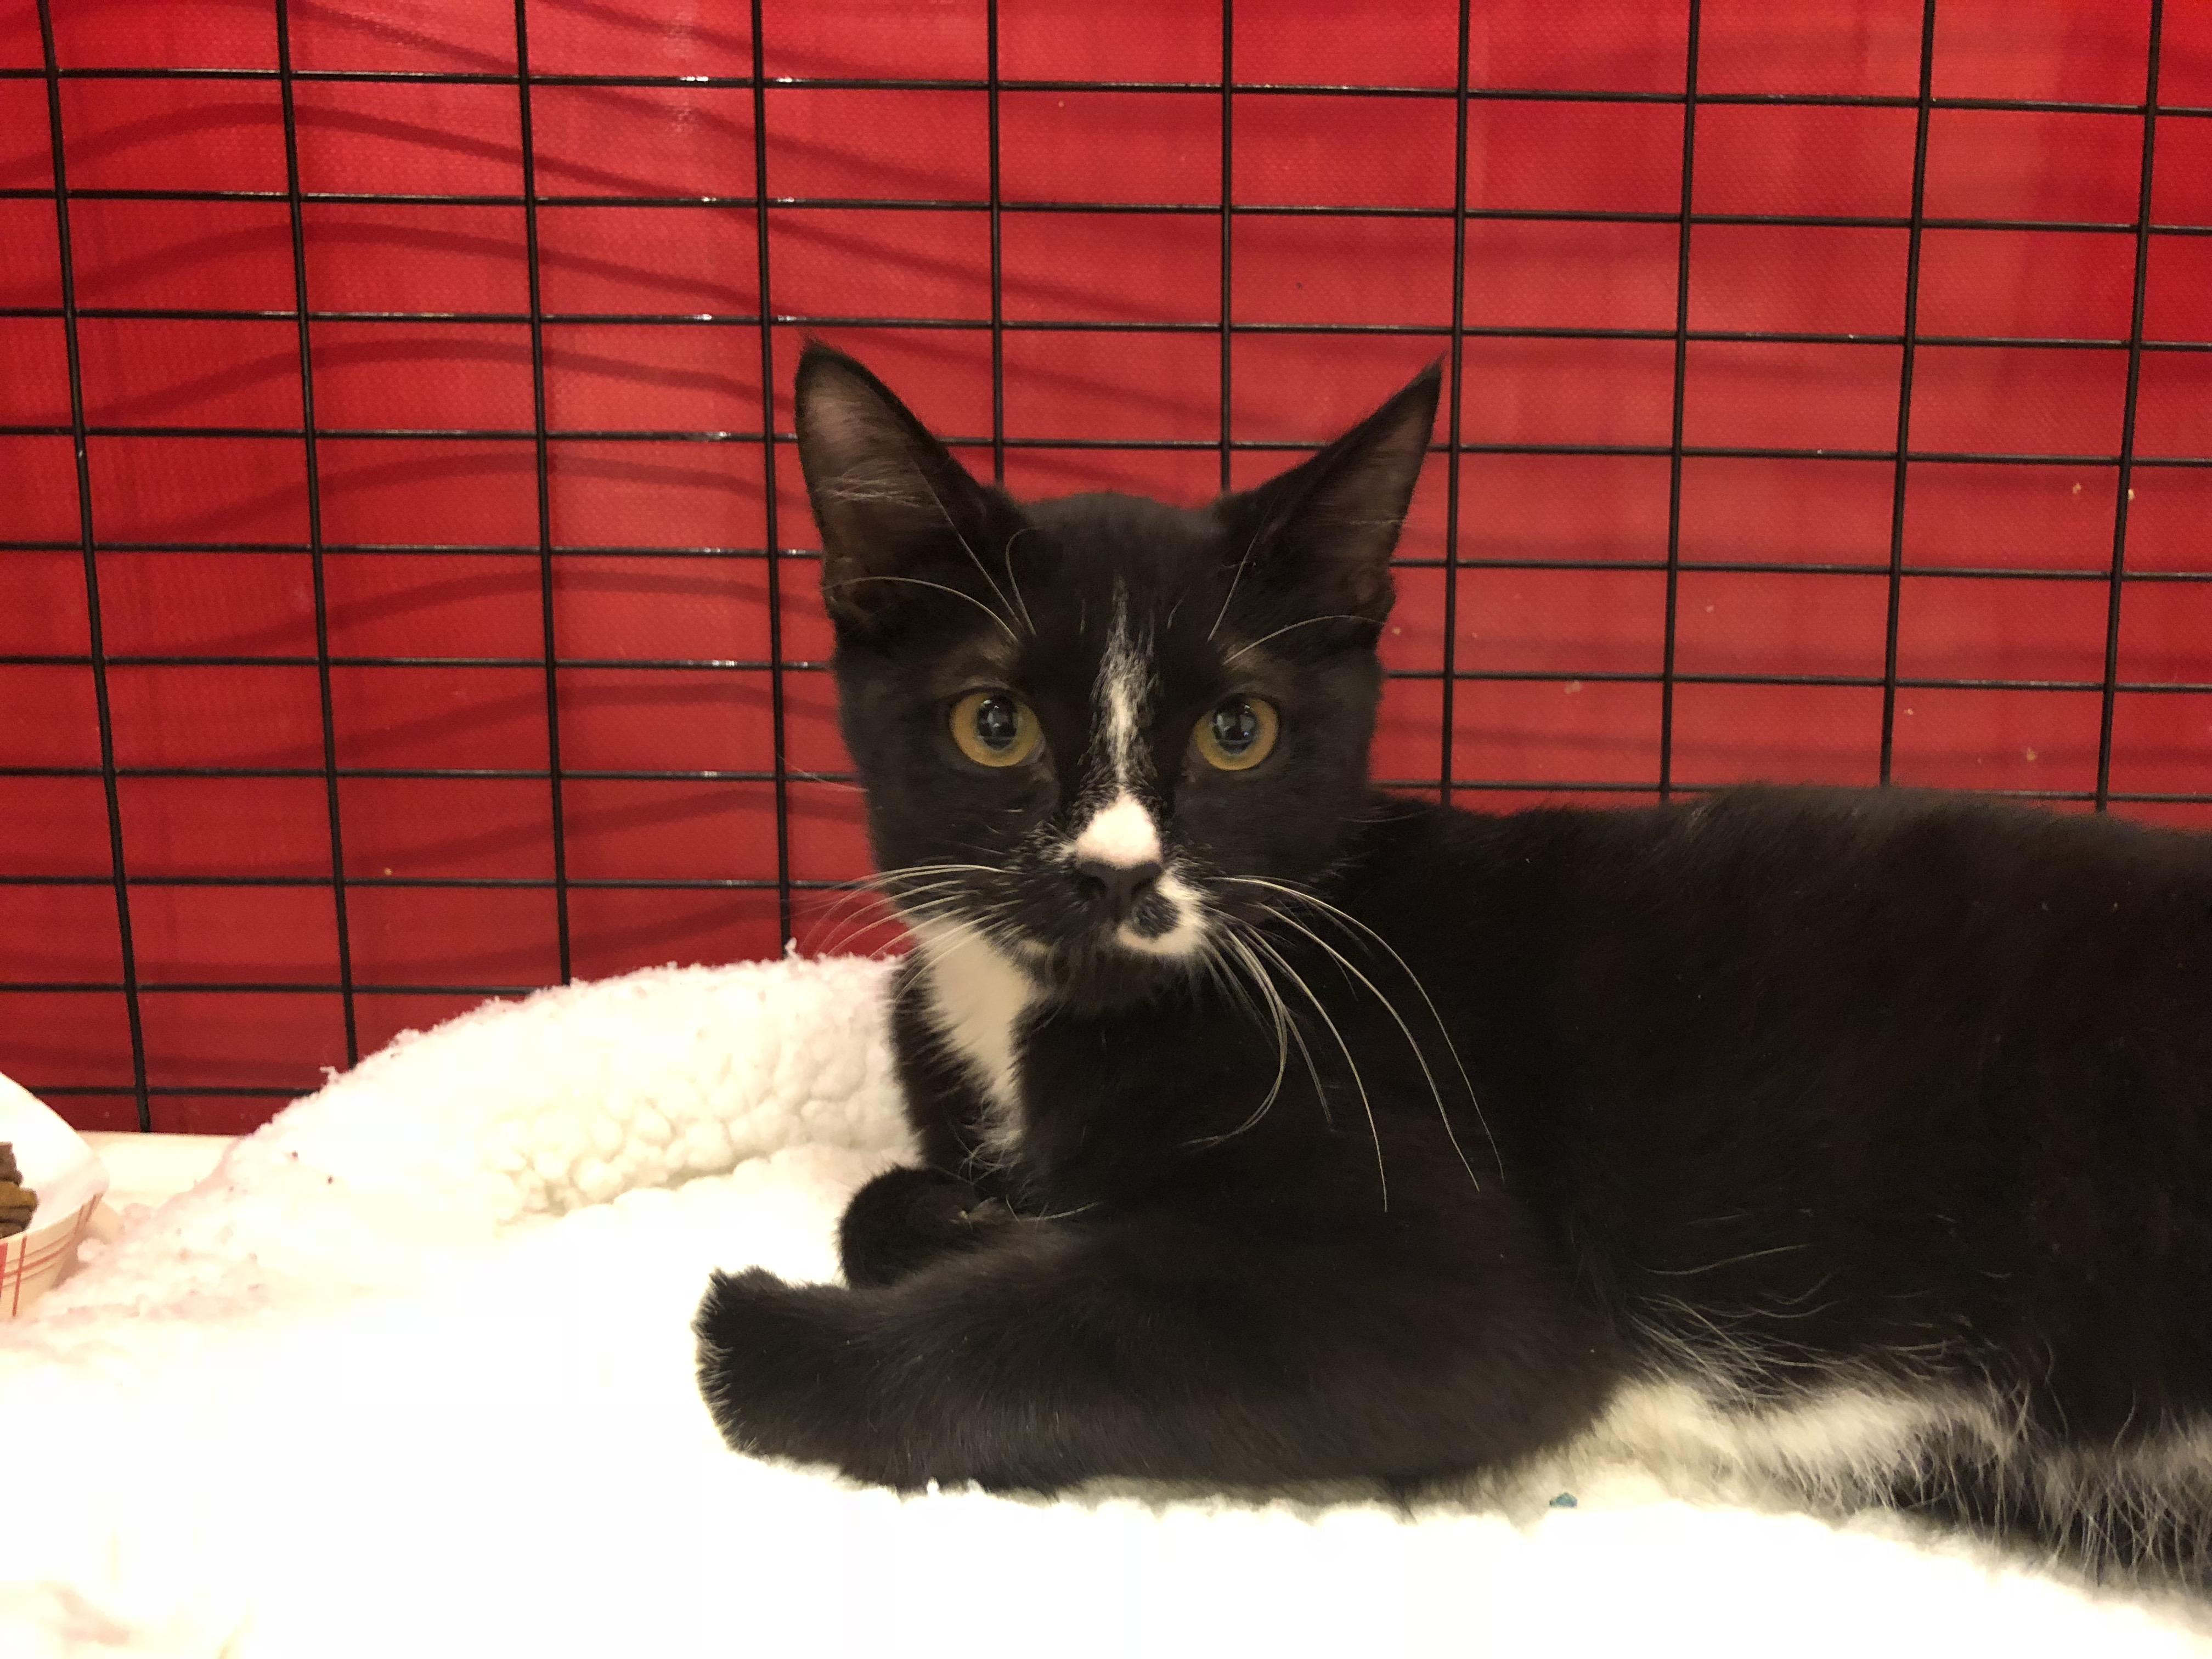 Tuxedo kitten With Asymmetrical Markings